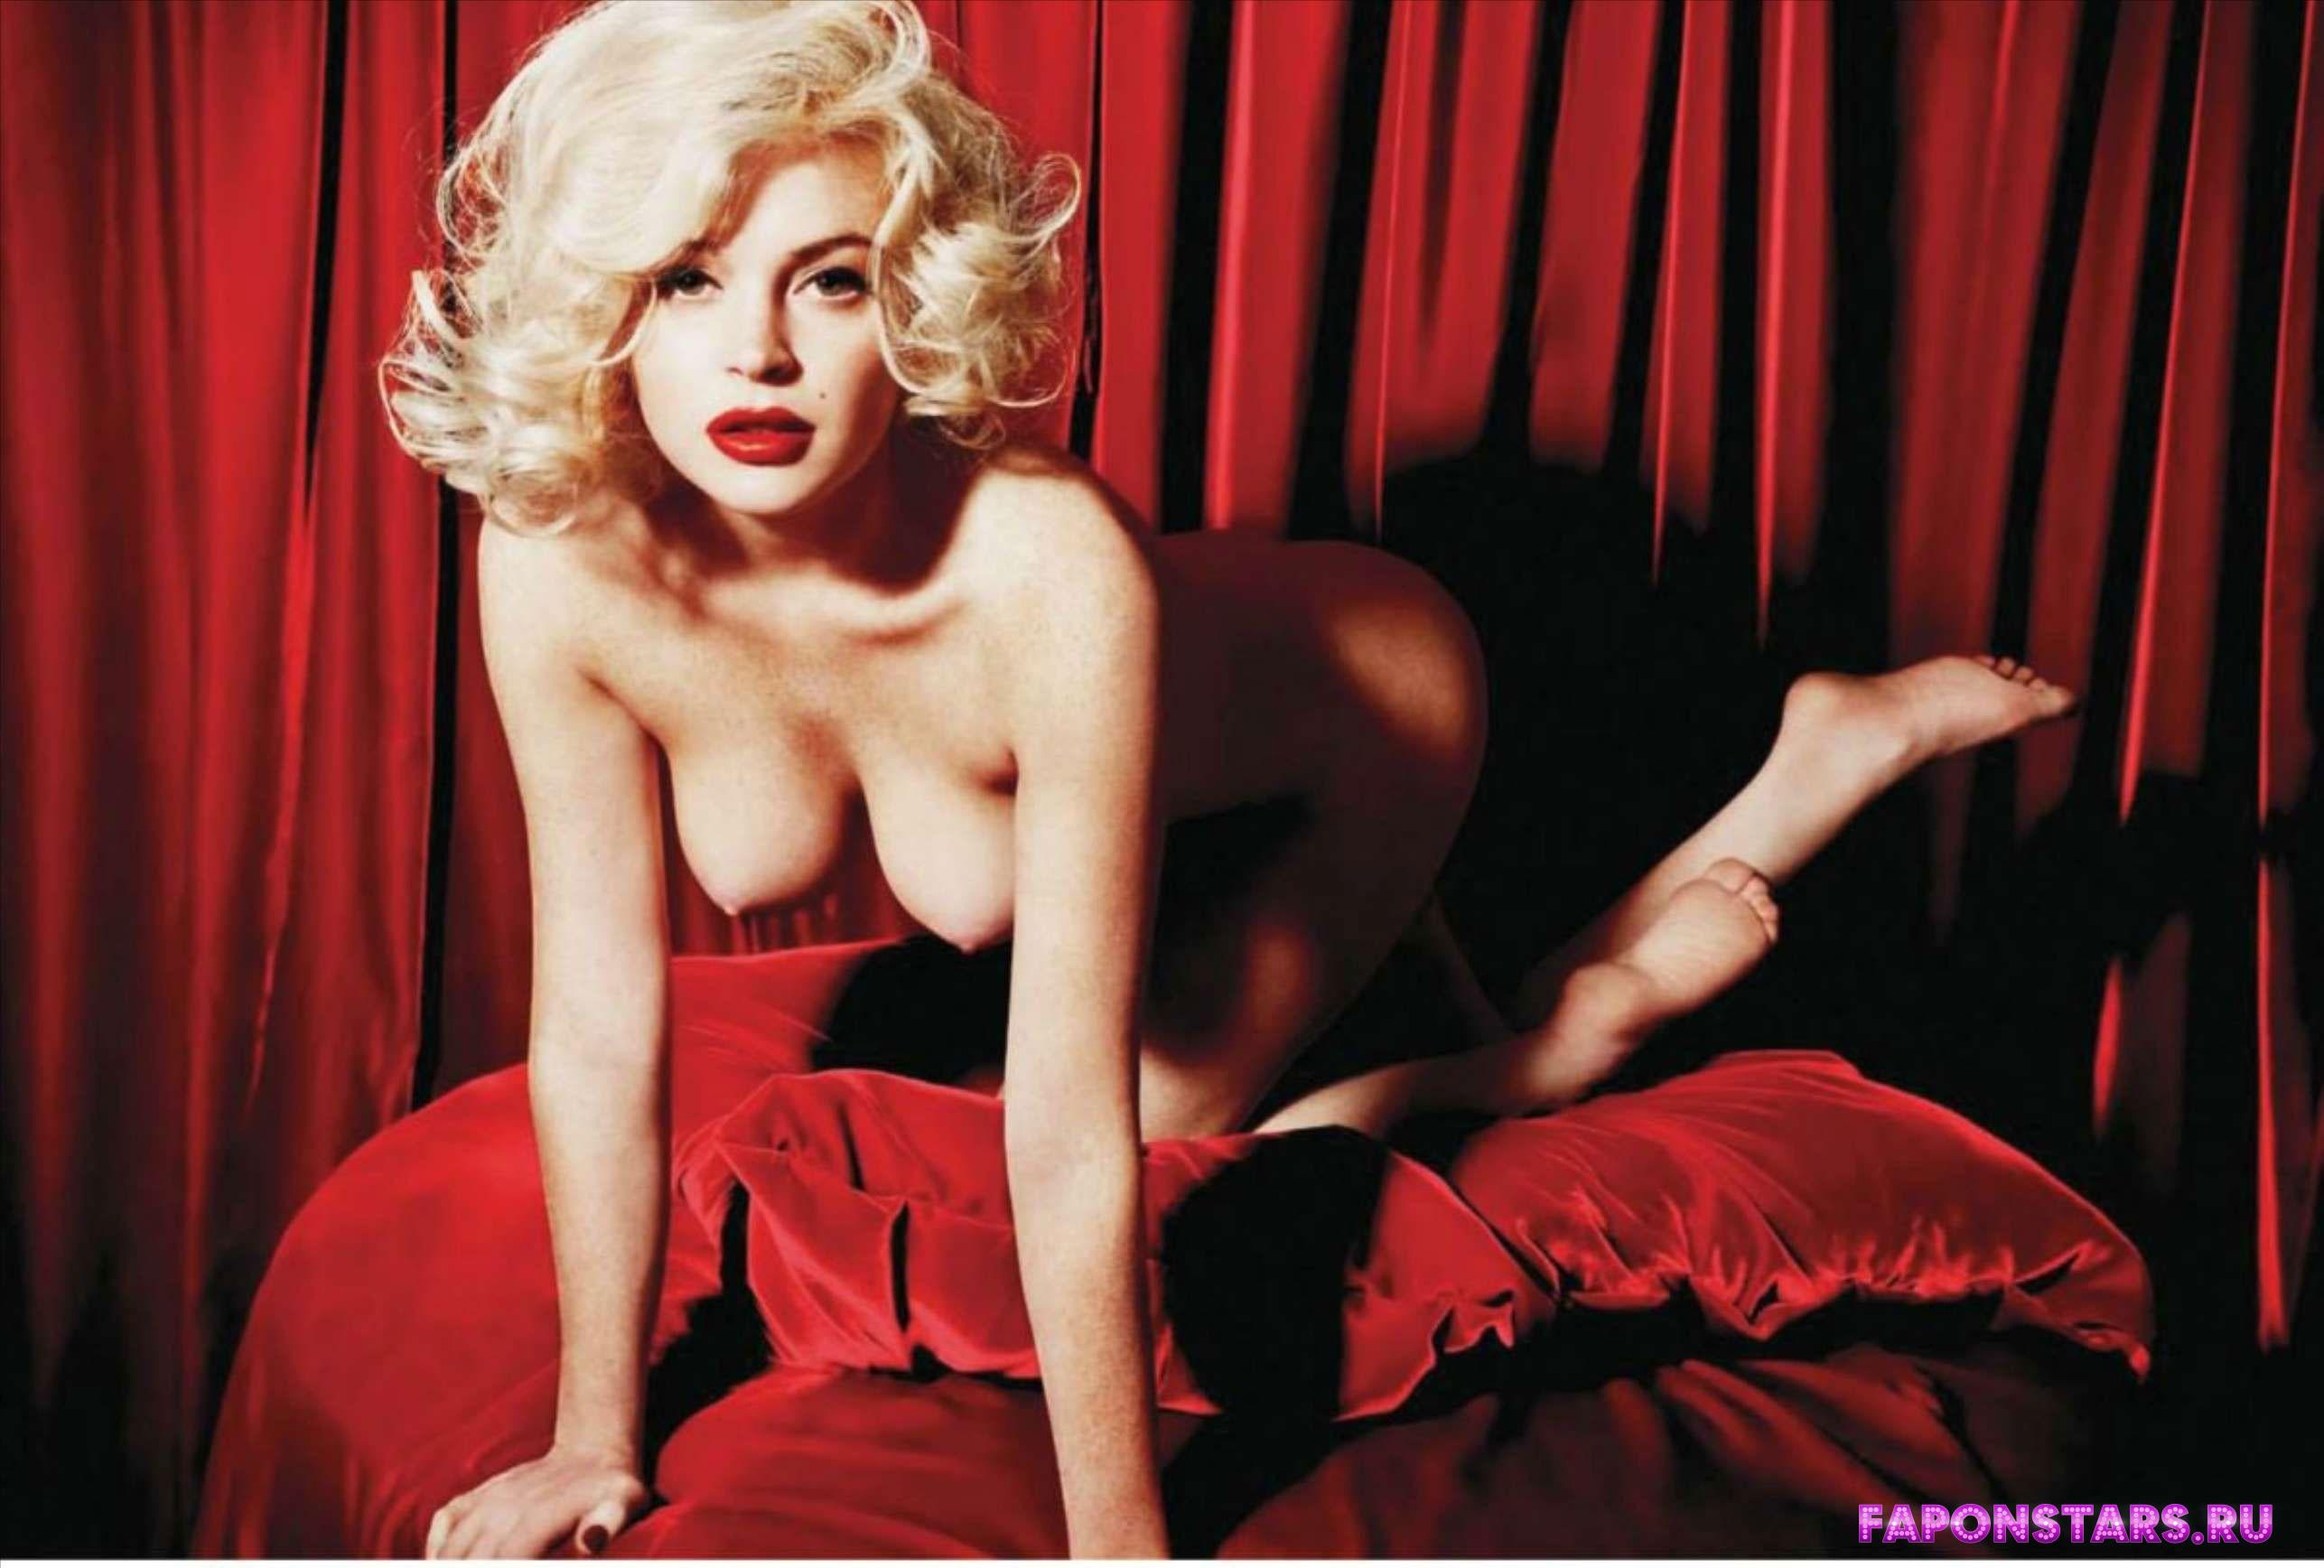 Линдси Лохан обнажила грудь и все тело в журнале плейбой